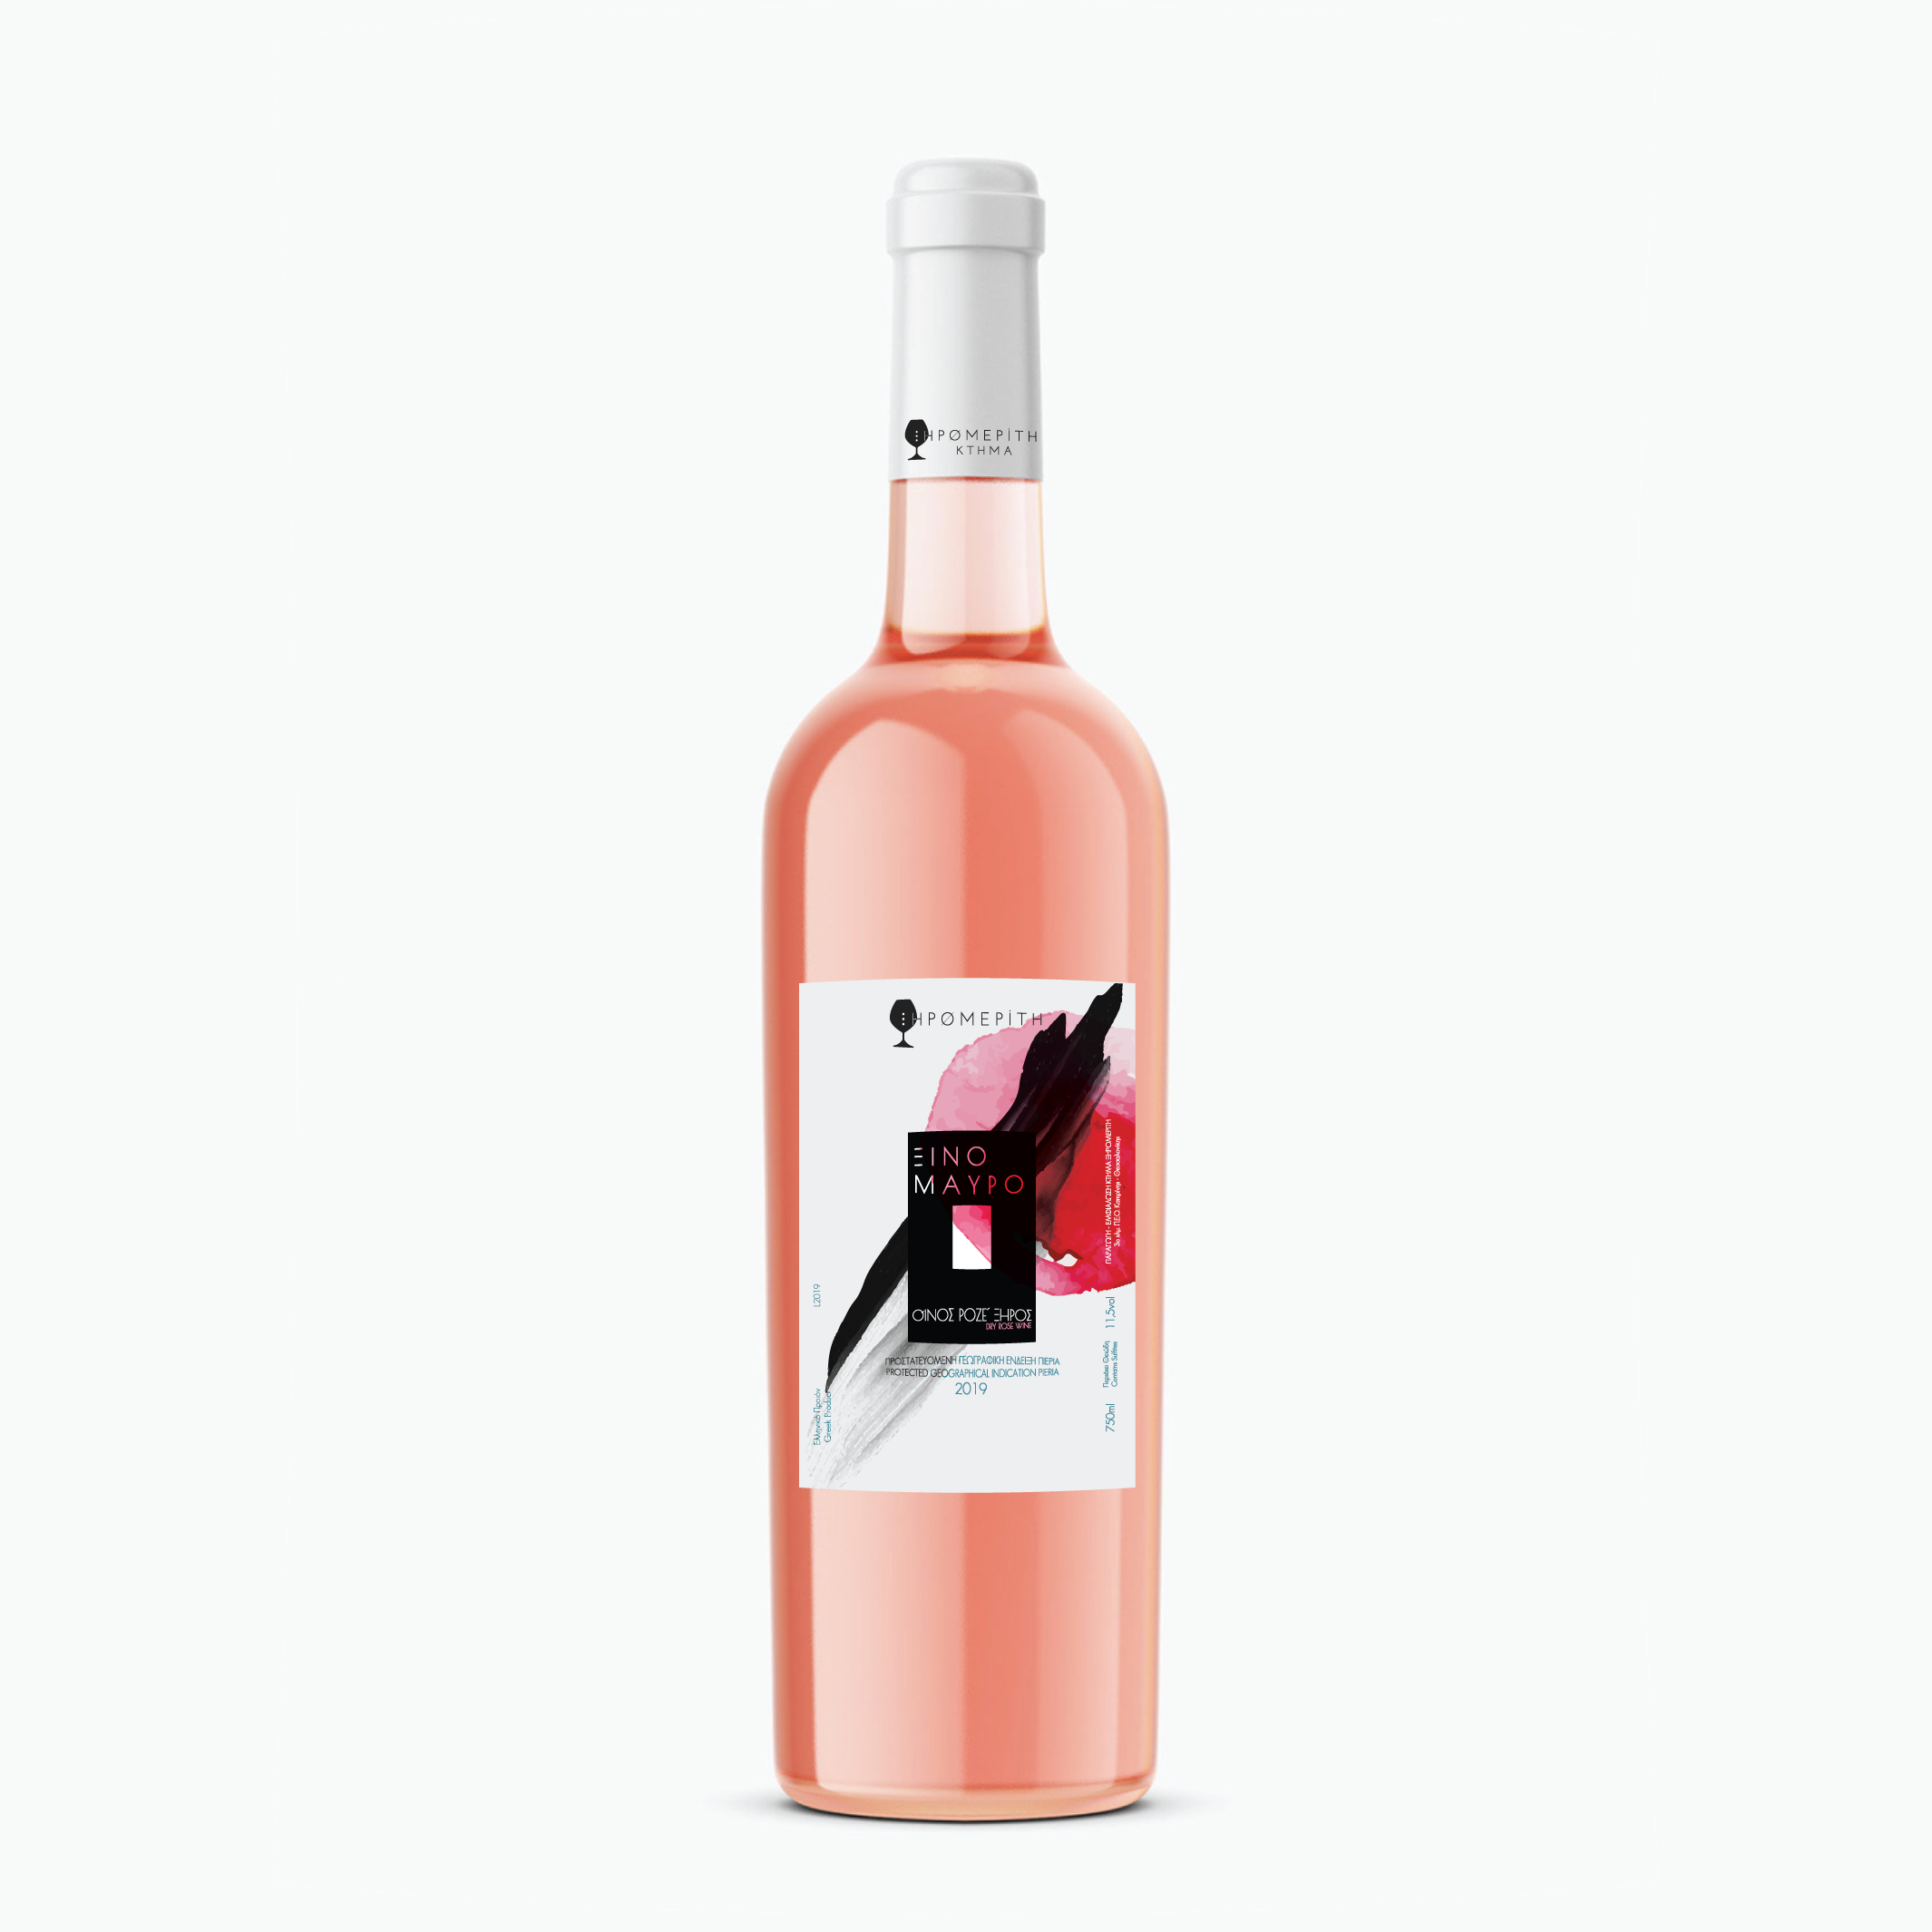 Ροζέ Ξινόμαυρος - Κτήμα Ξηρομερίτη - Κρασιά